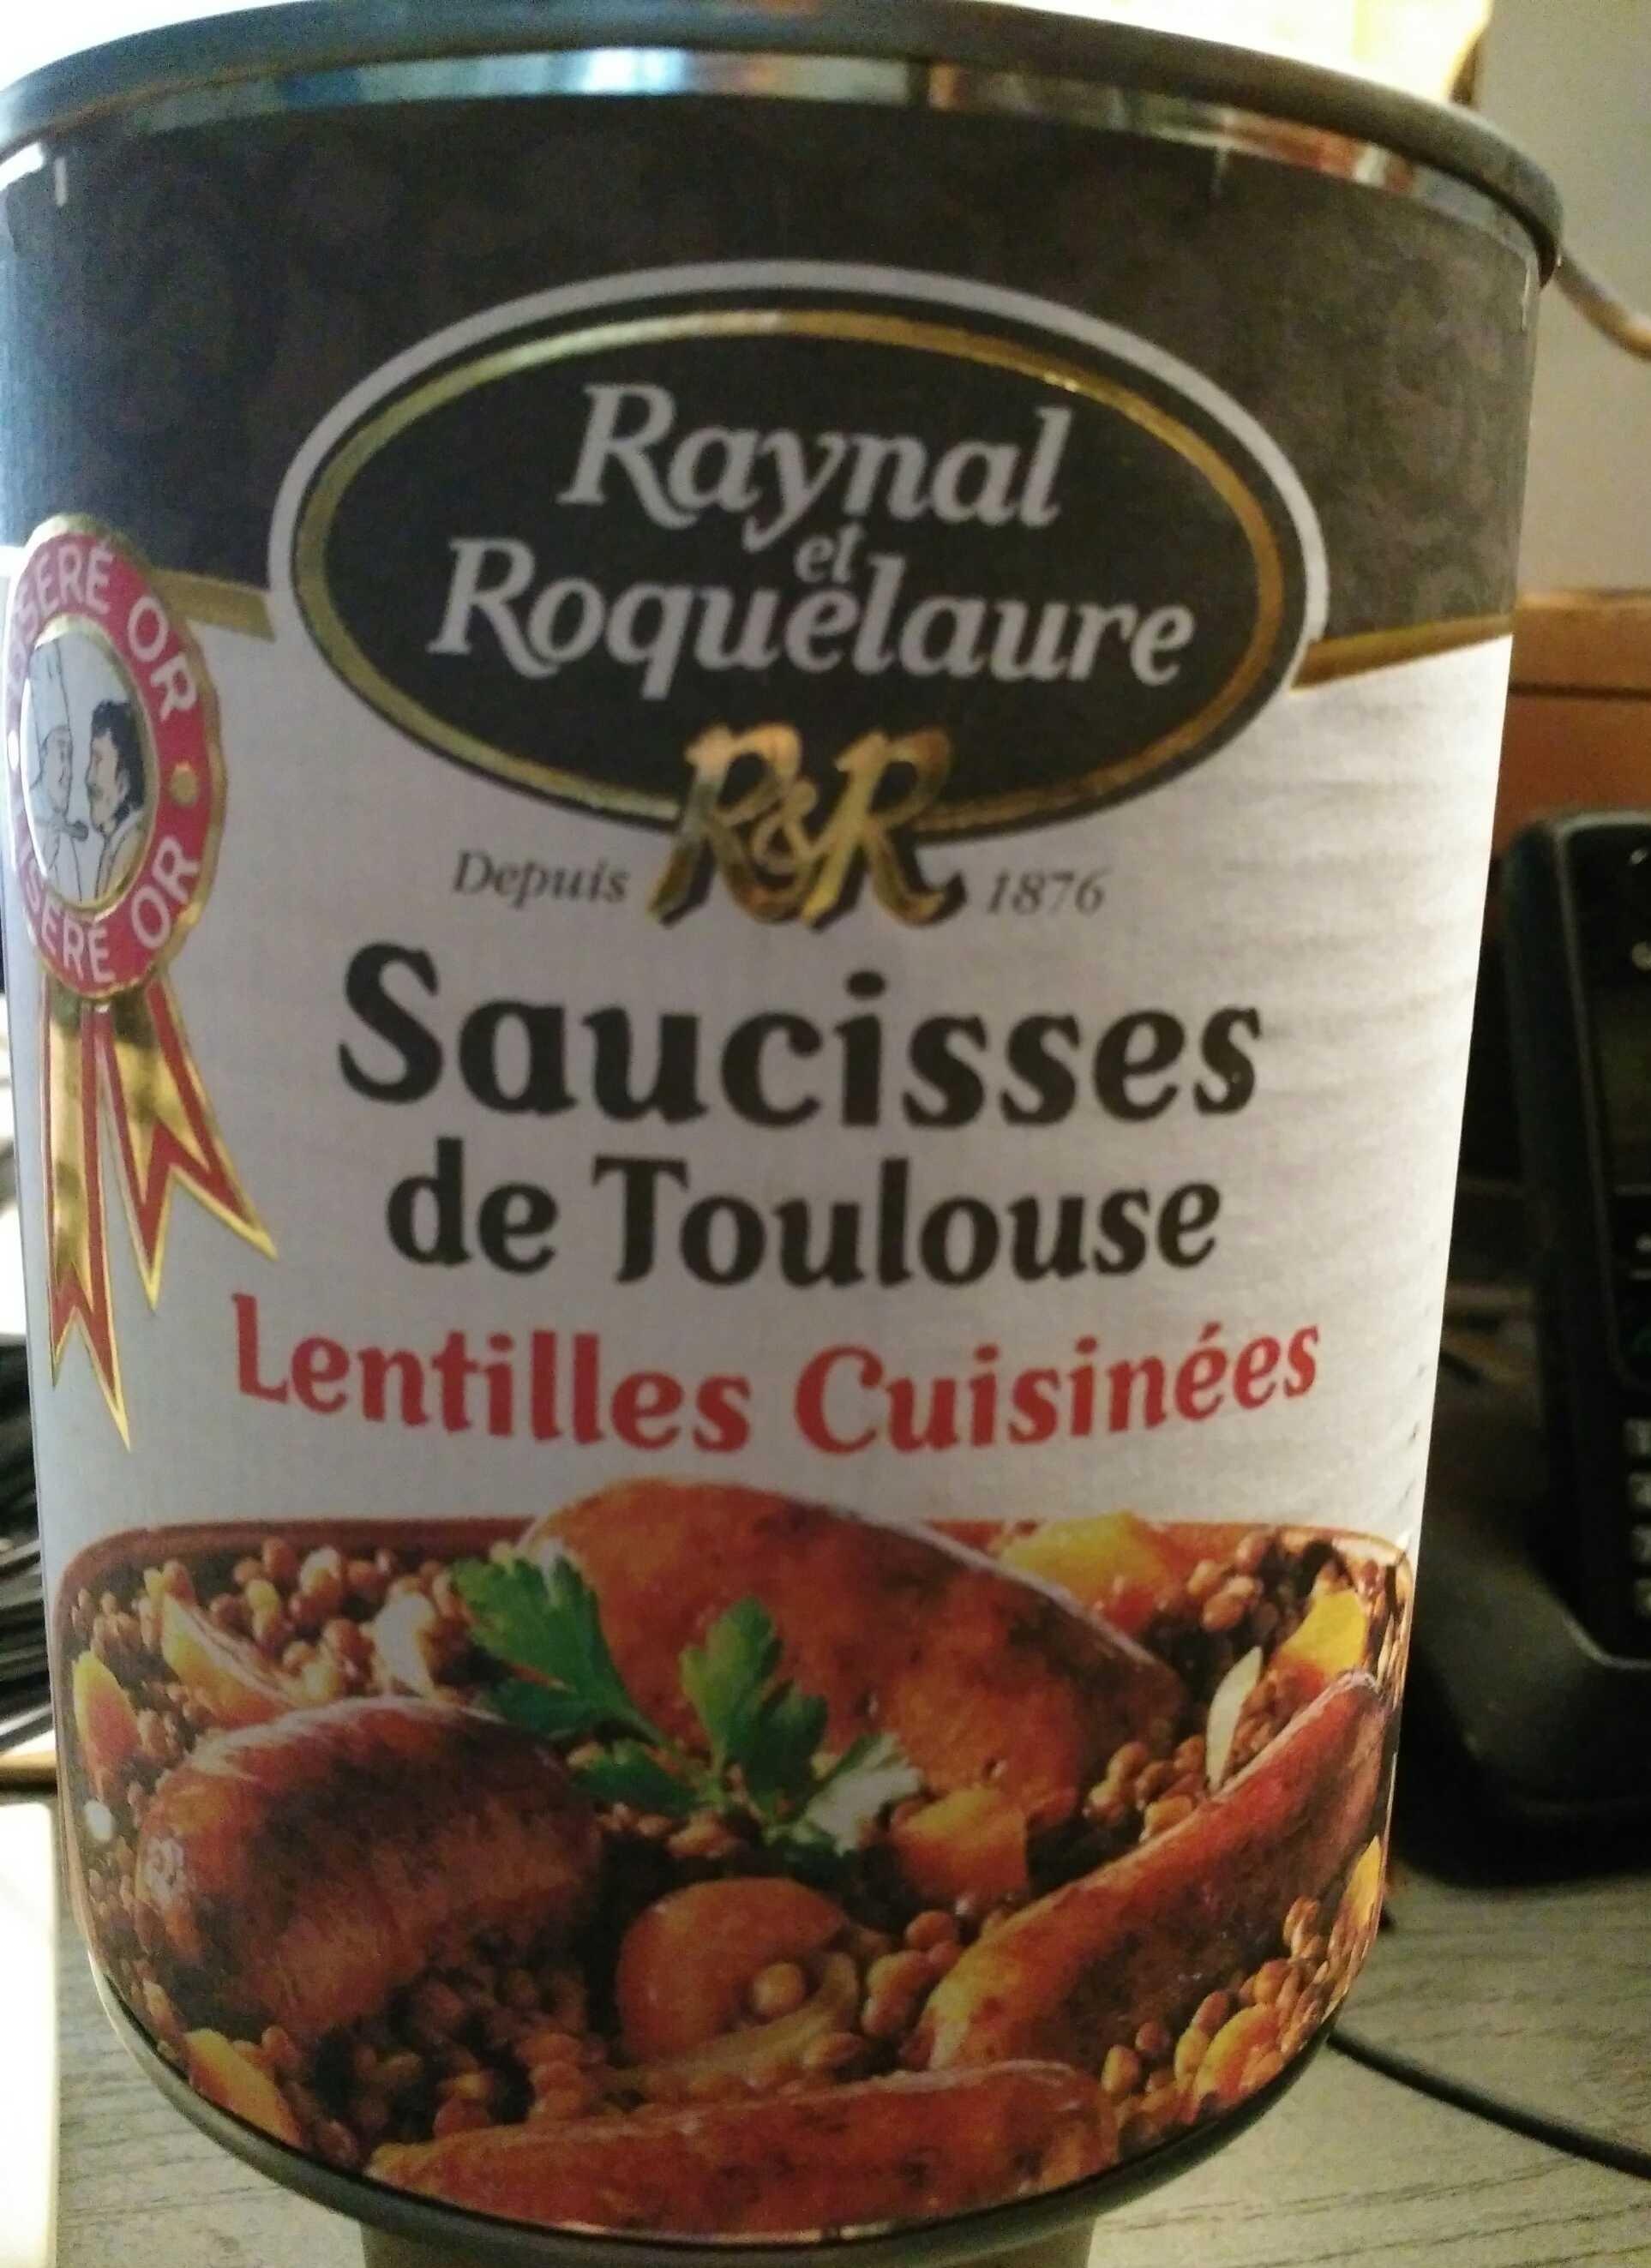 Saucisses de Toulouse - Lentilles cuisinées - Product - fr